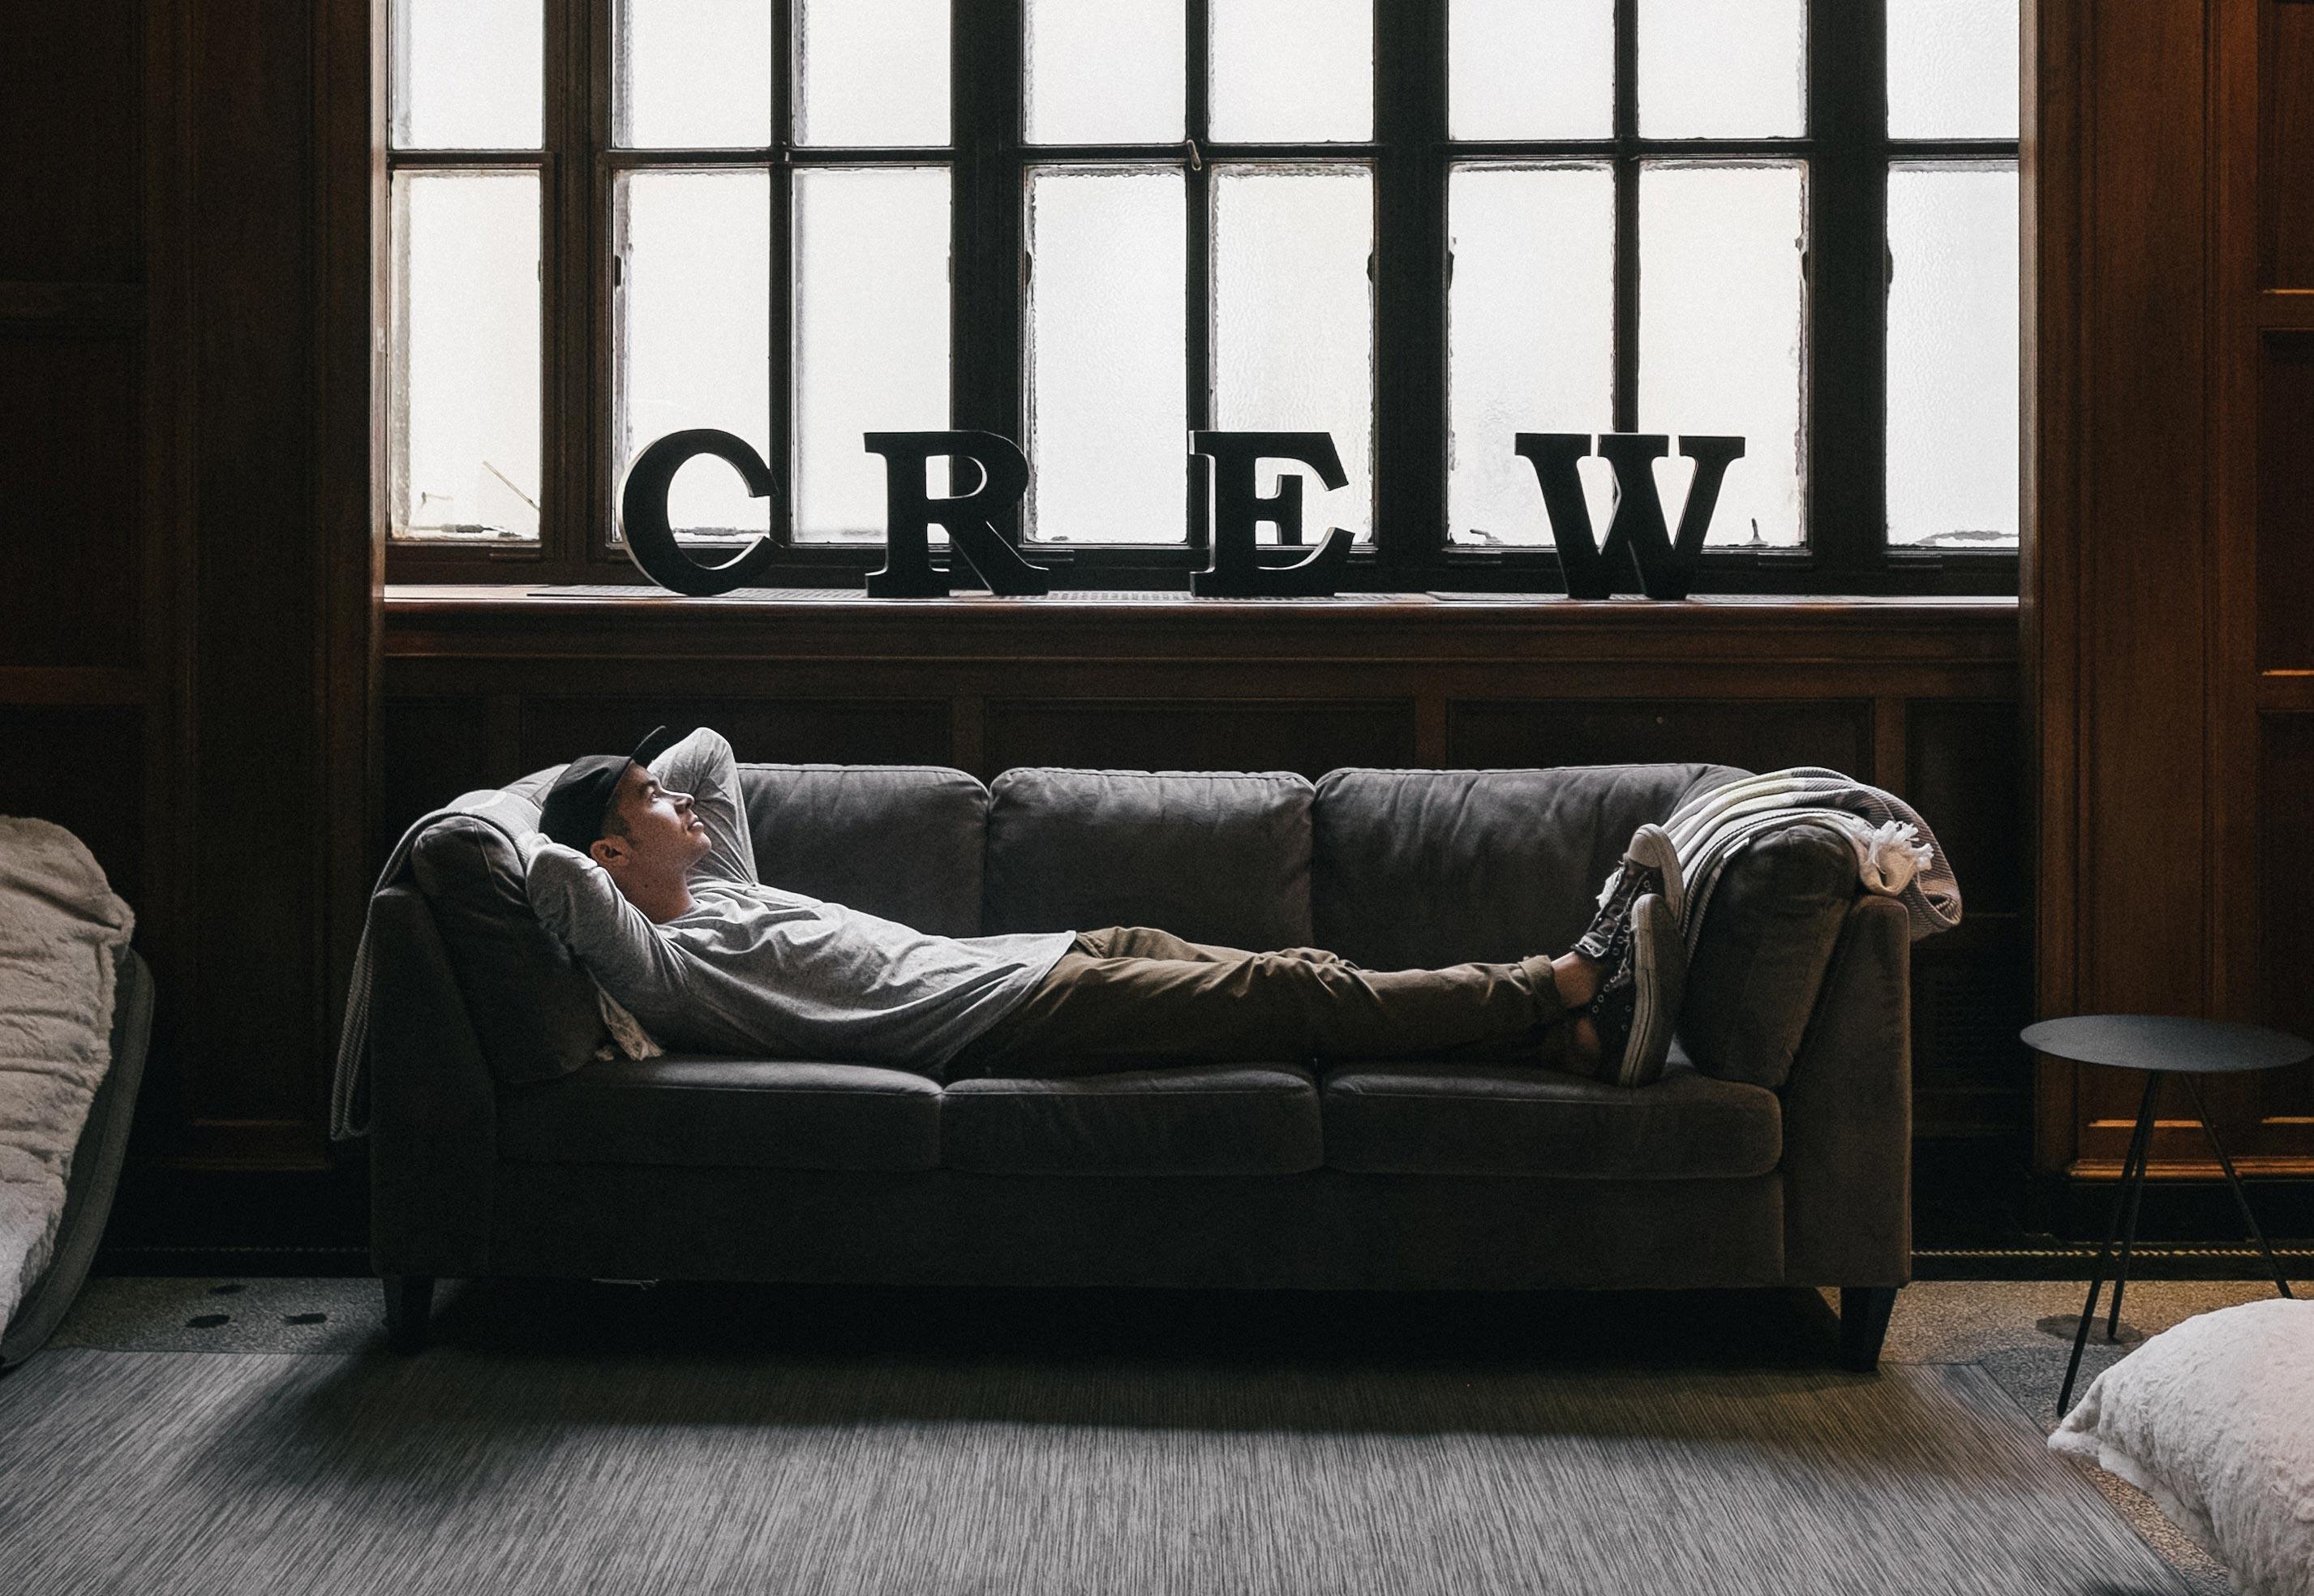 Crew-Mitglied werden